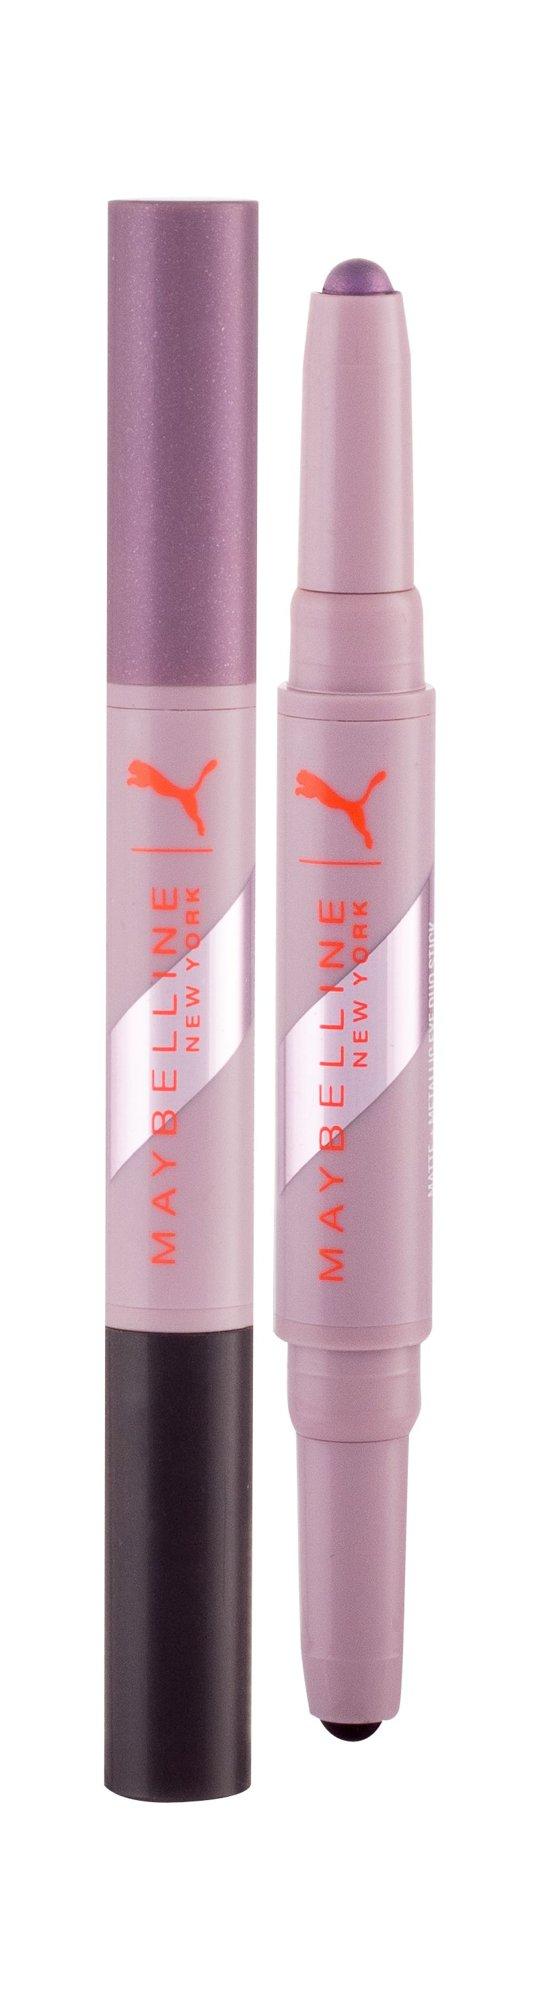 Maybelline Puma X Maybelline Eye Shadow 1,65ml 02 Discipline + Pulse